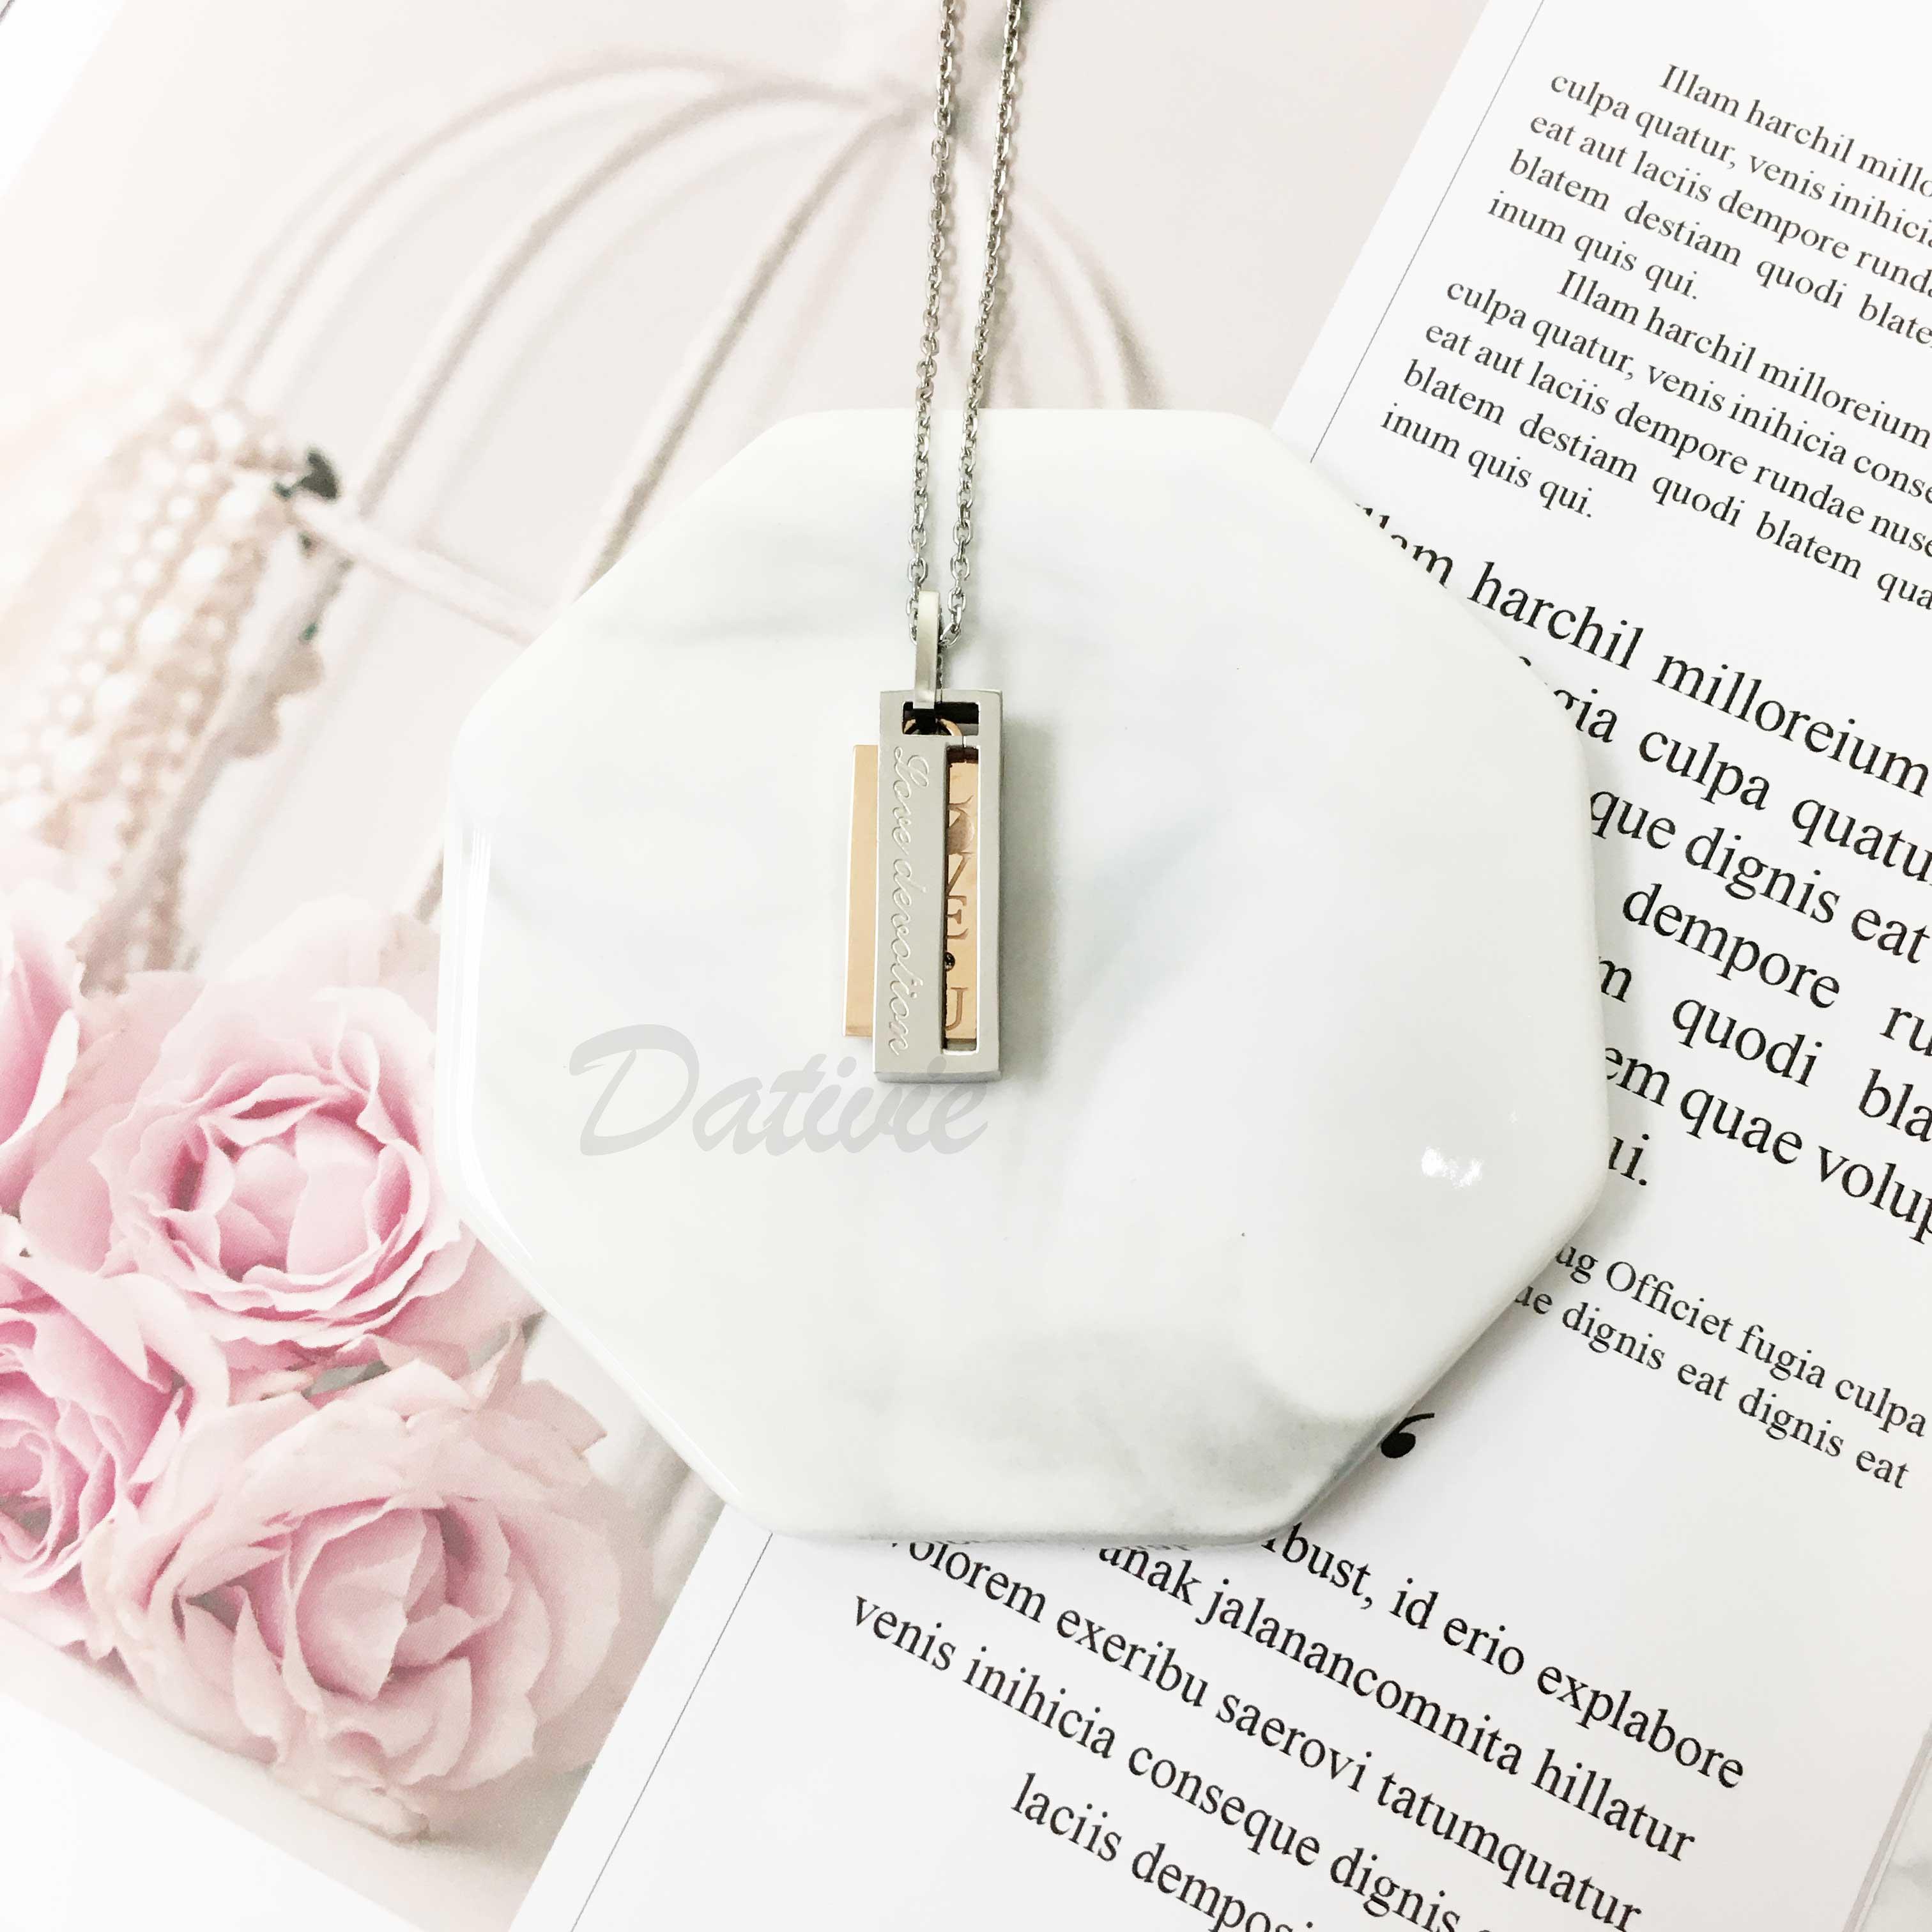 不鏽鋼 刻字(忠誠的愛) 夾活動玫金色吊牌刻字(愛你) 鑲單鑽 項鍊